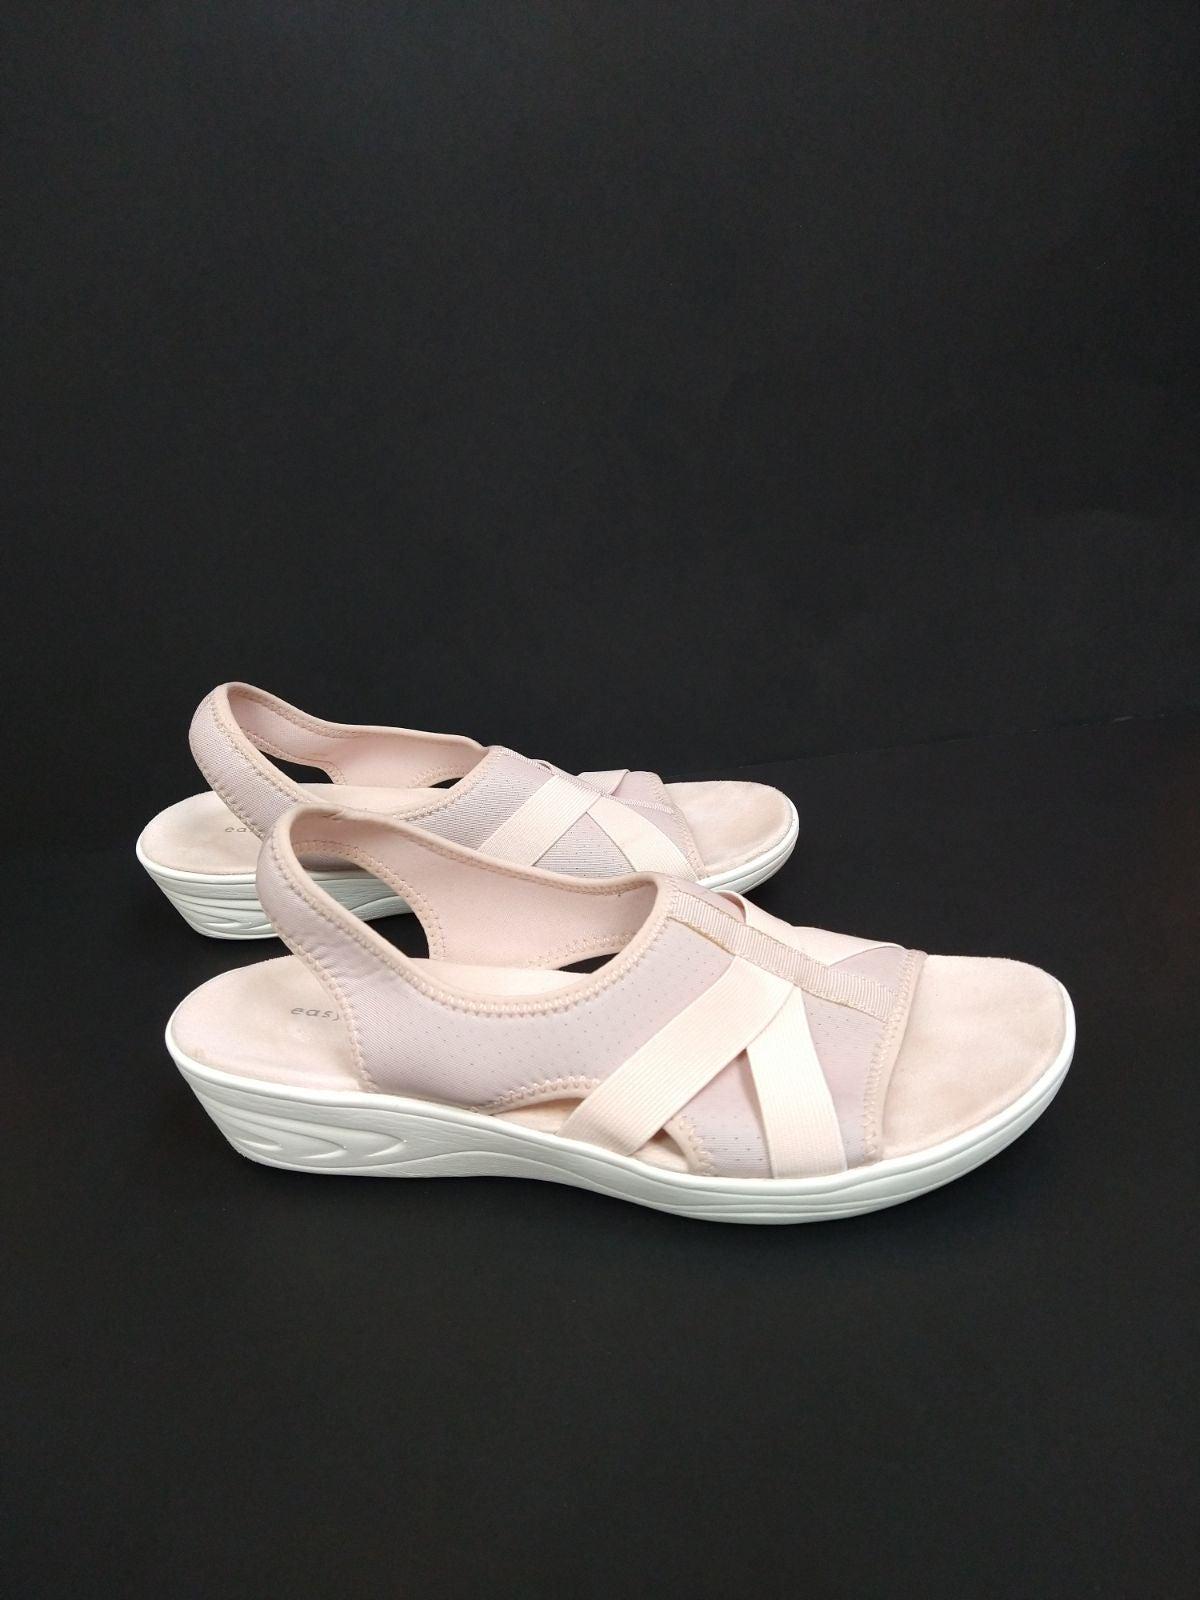 Easy Spirit Medium Pink Sandals Size 12